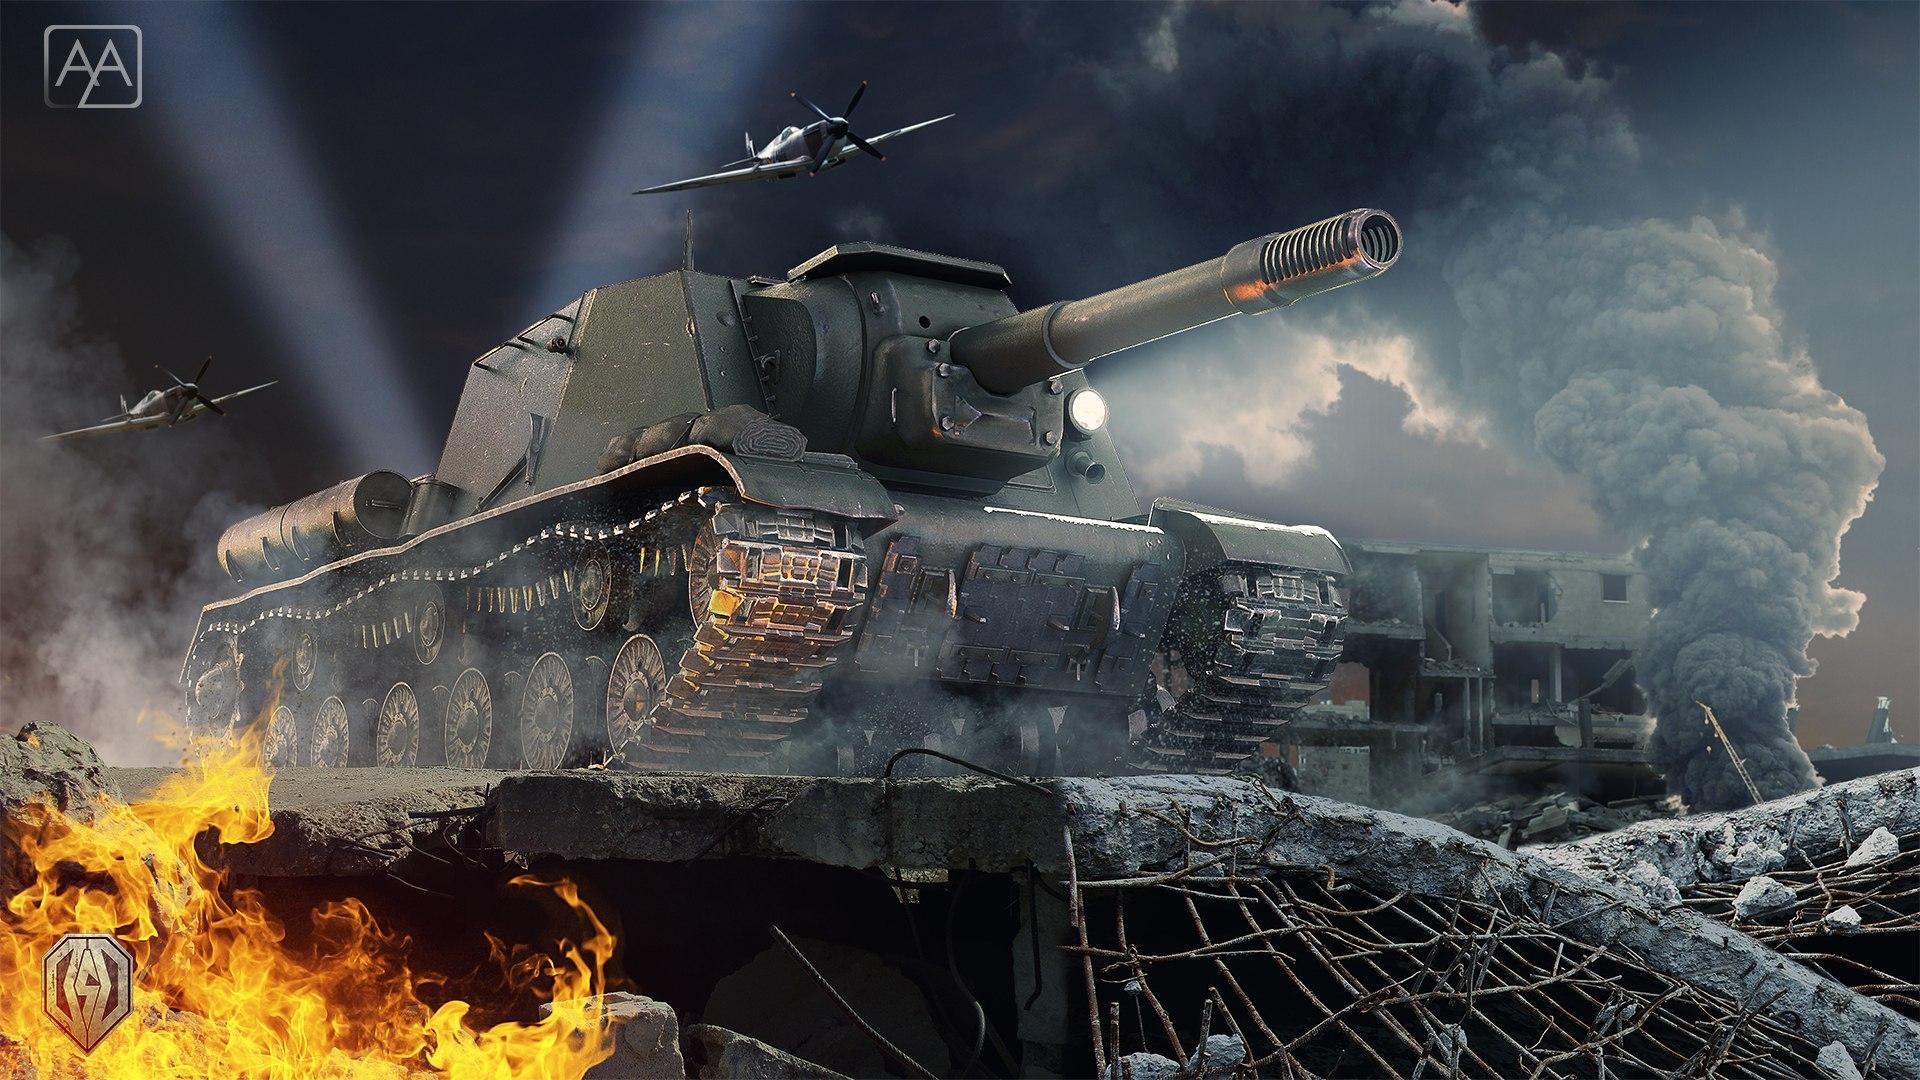 Картинки для рабочего стола на весь экран танки